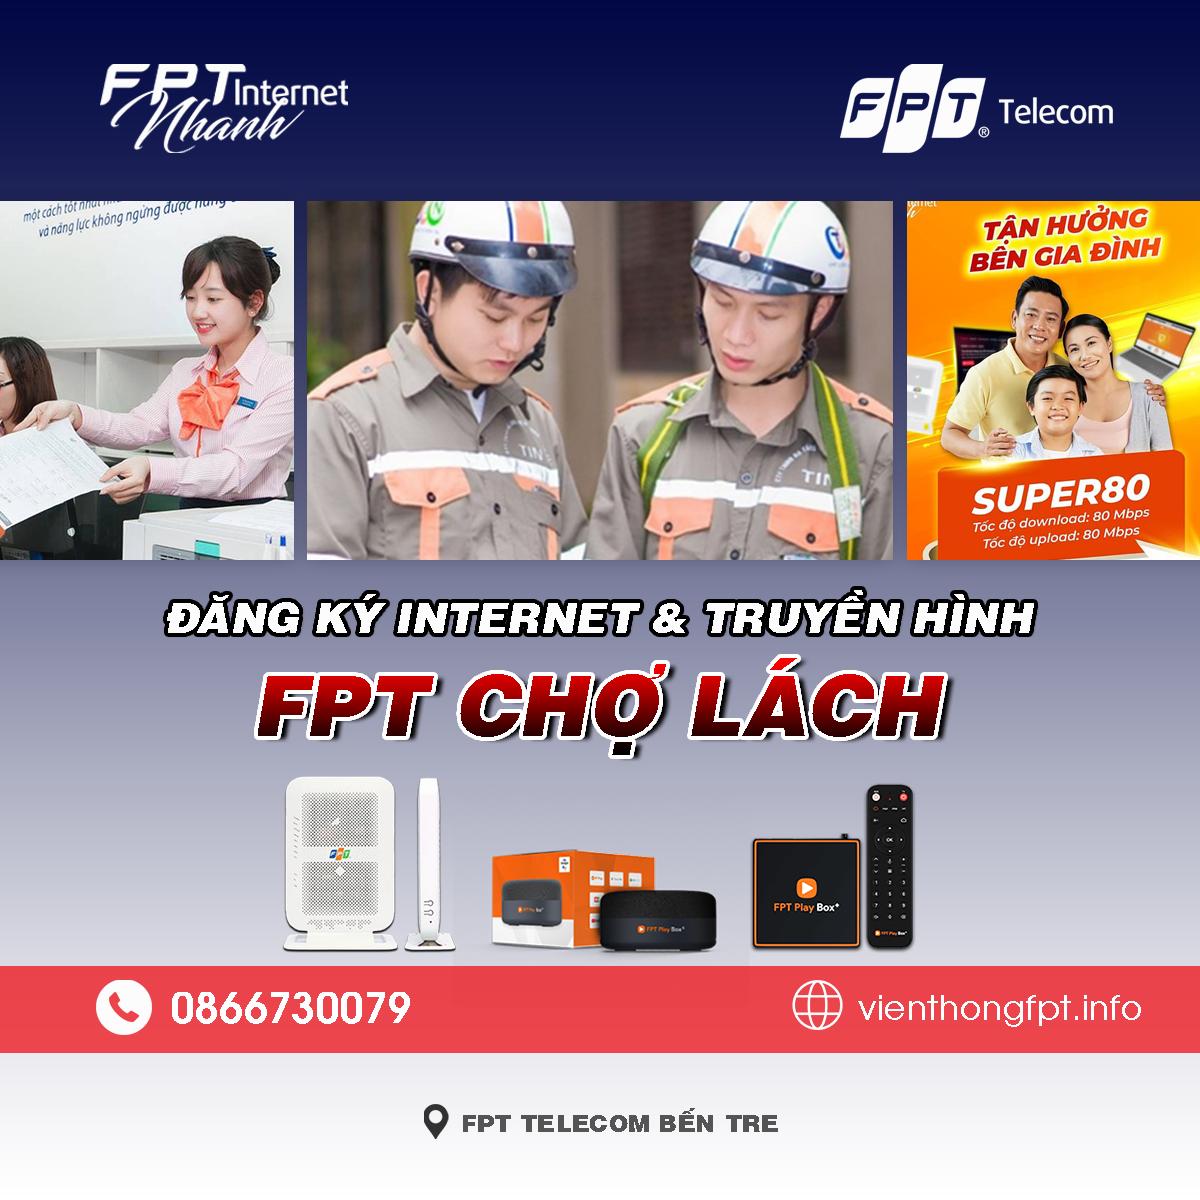 Bảng giá lắp mạng Internet và Truyền hình FPT Chợ Lách